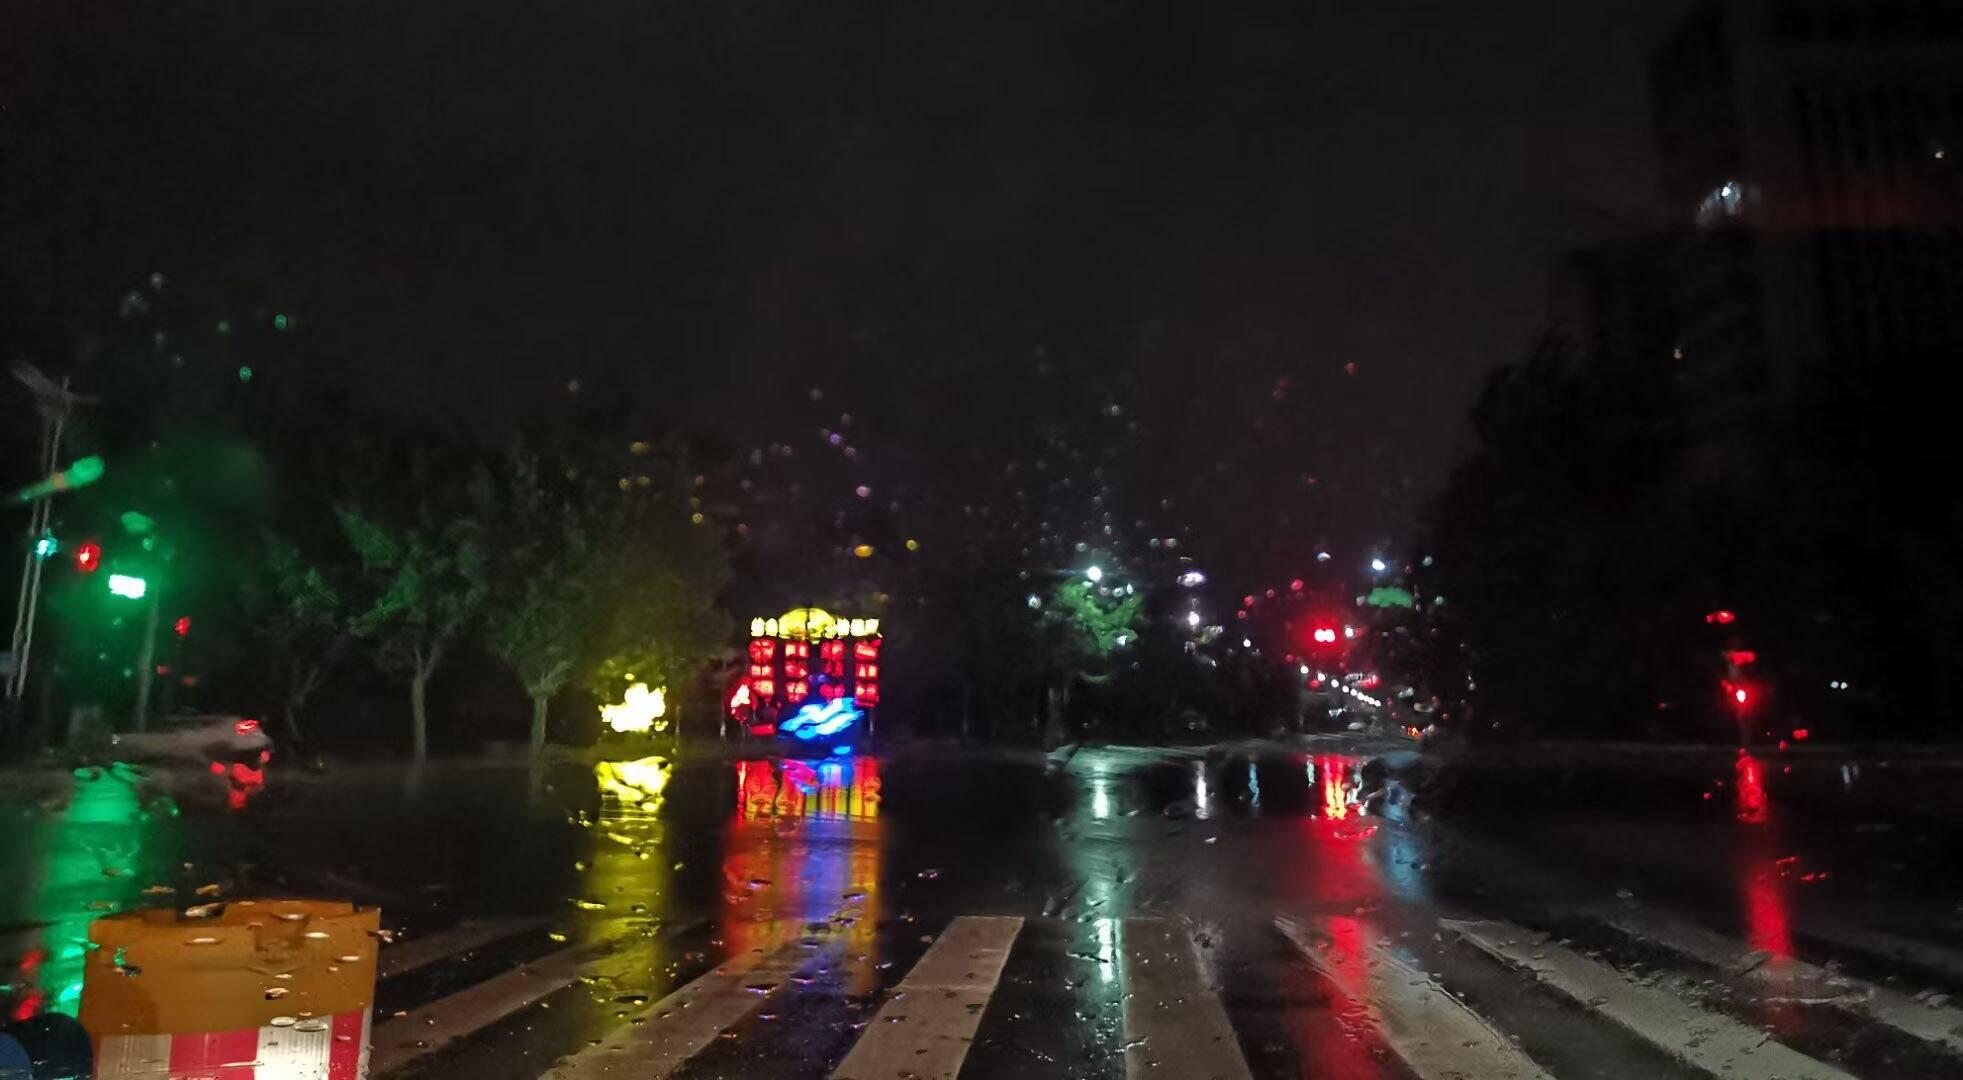 平原暴雨、博山12级大风!山东继续发布雷电黄色预警,这些地方仍有雷雨天气